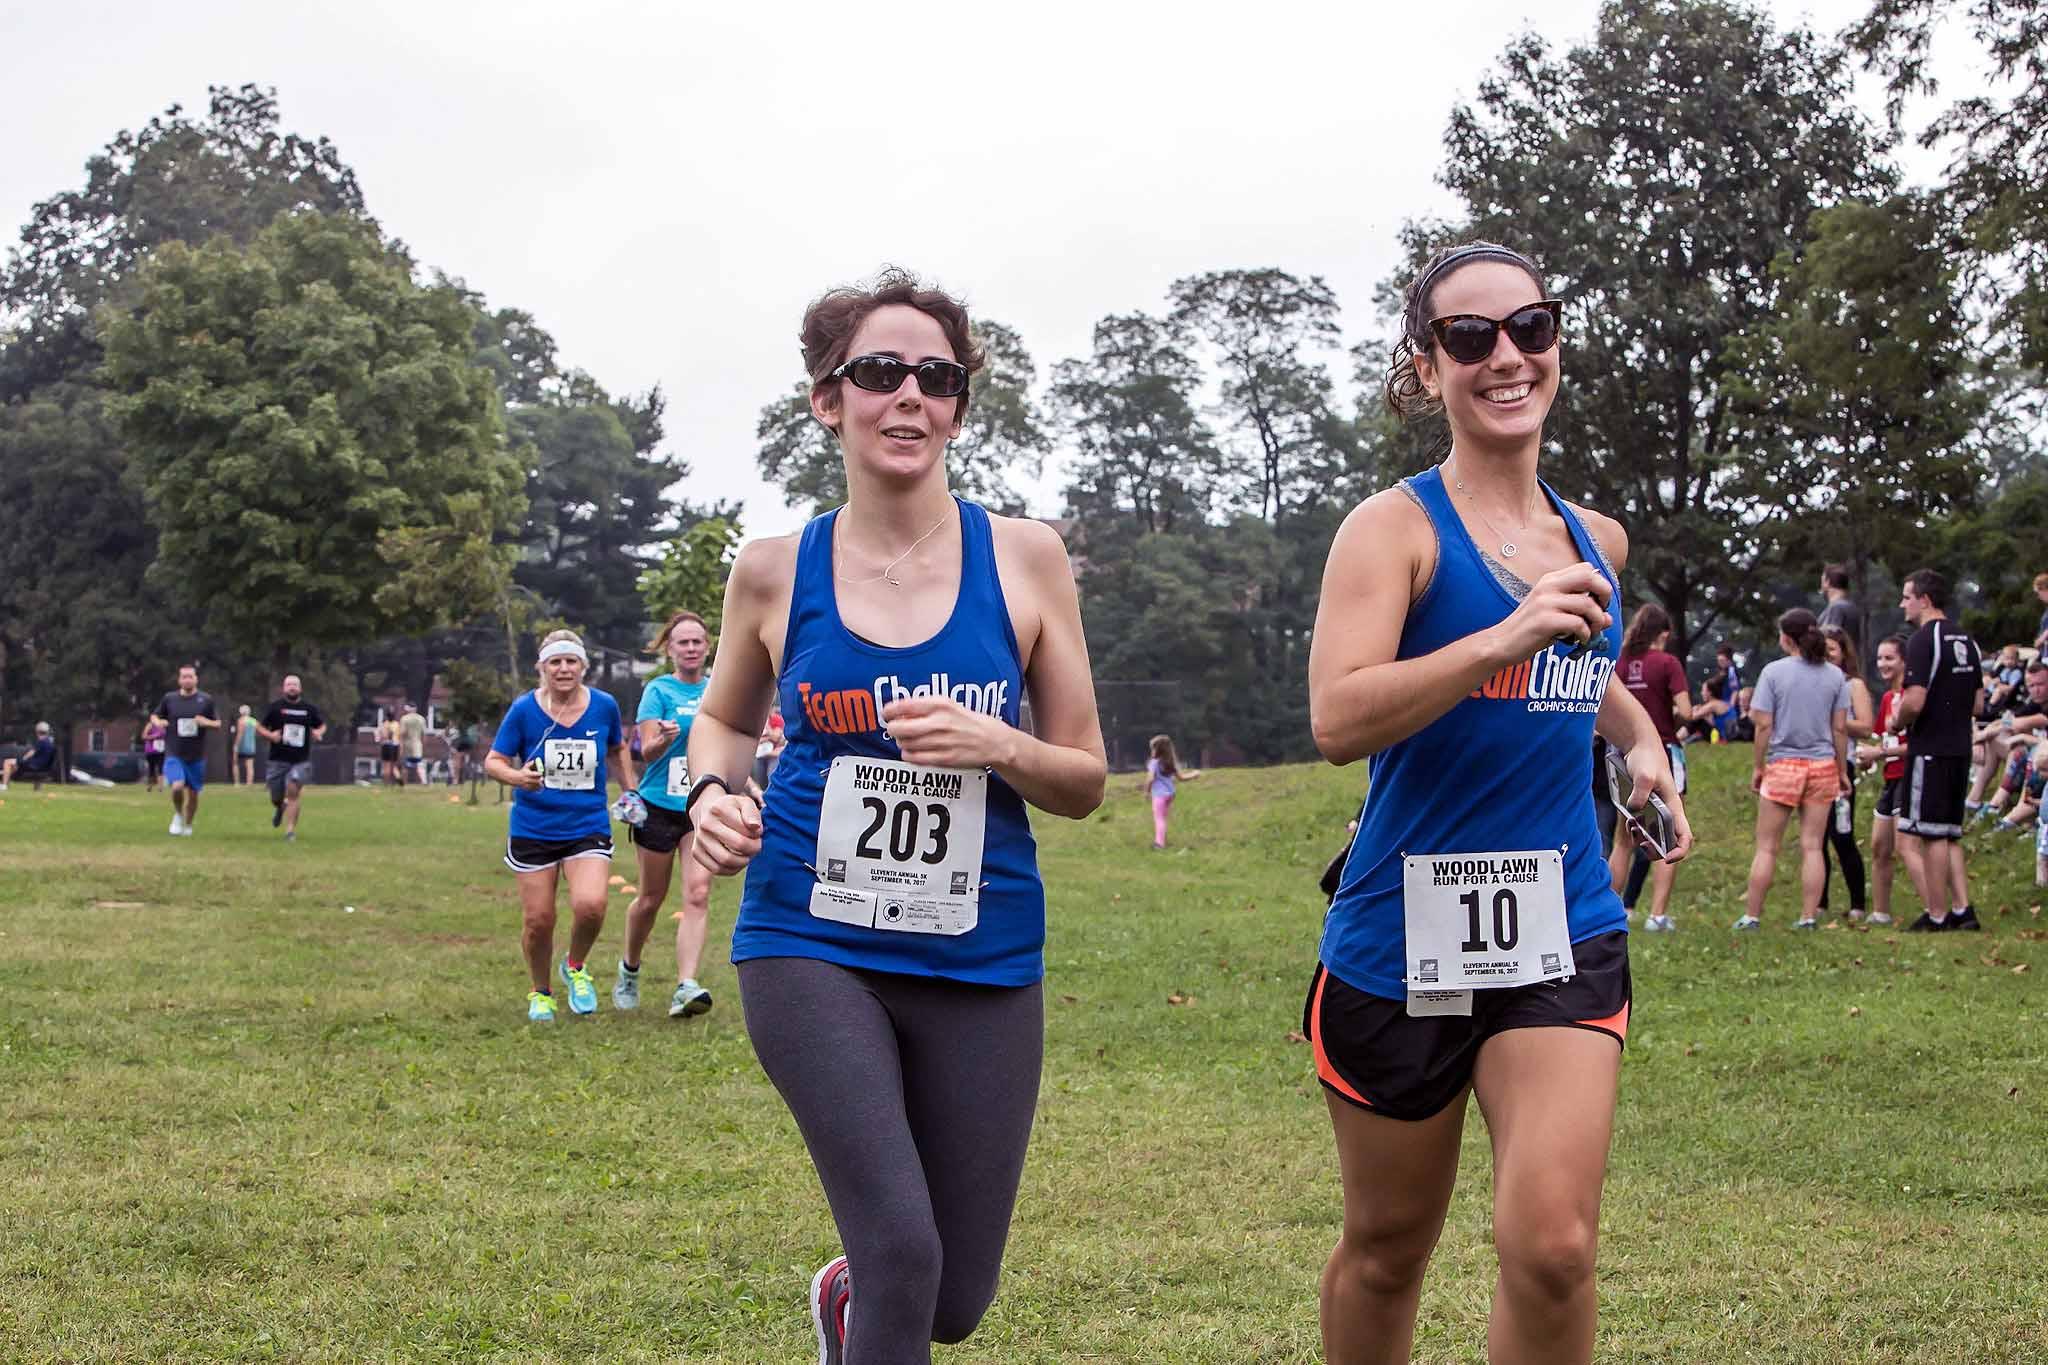 167-Woodlawn Run for a Cause-457.jpg